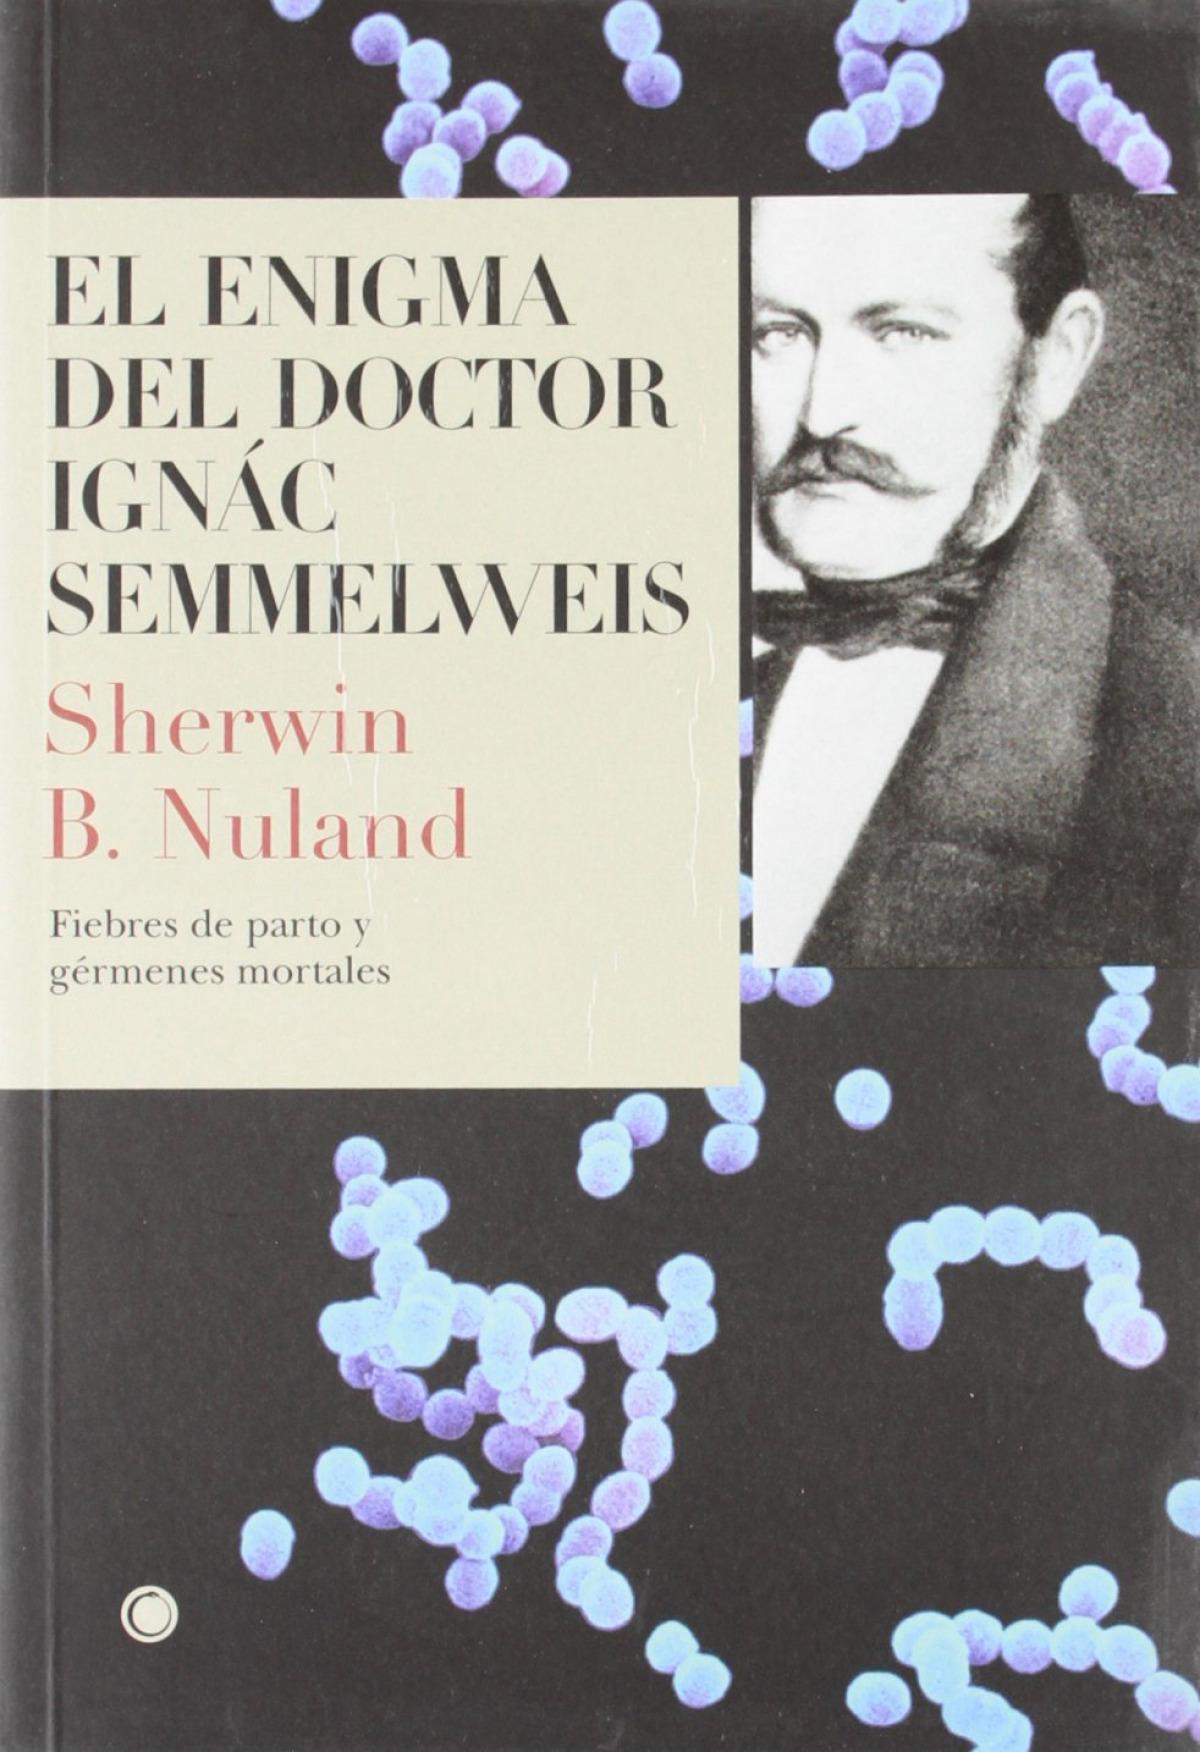 El enigma del doctor Semmelweis